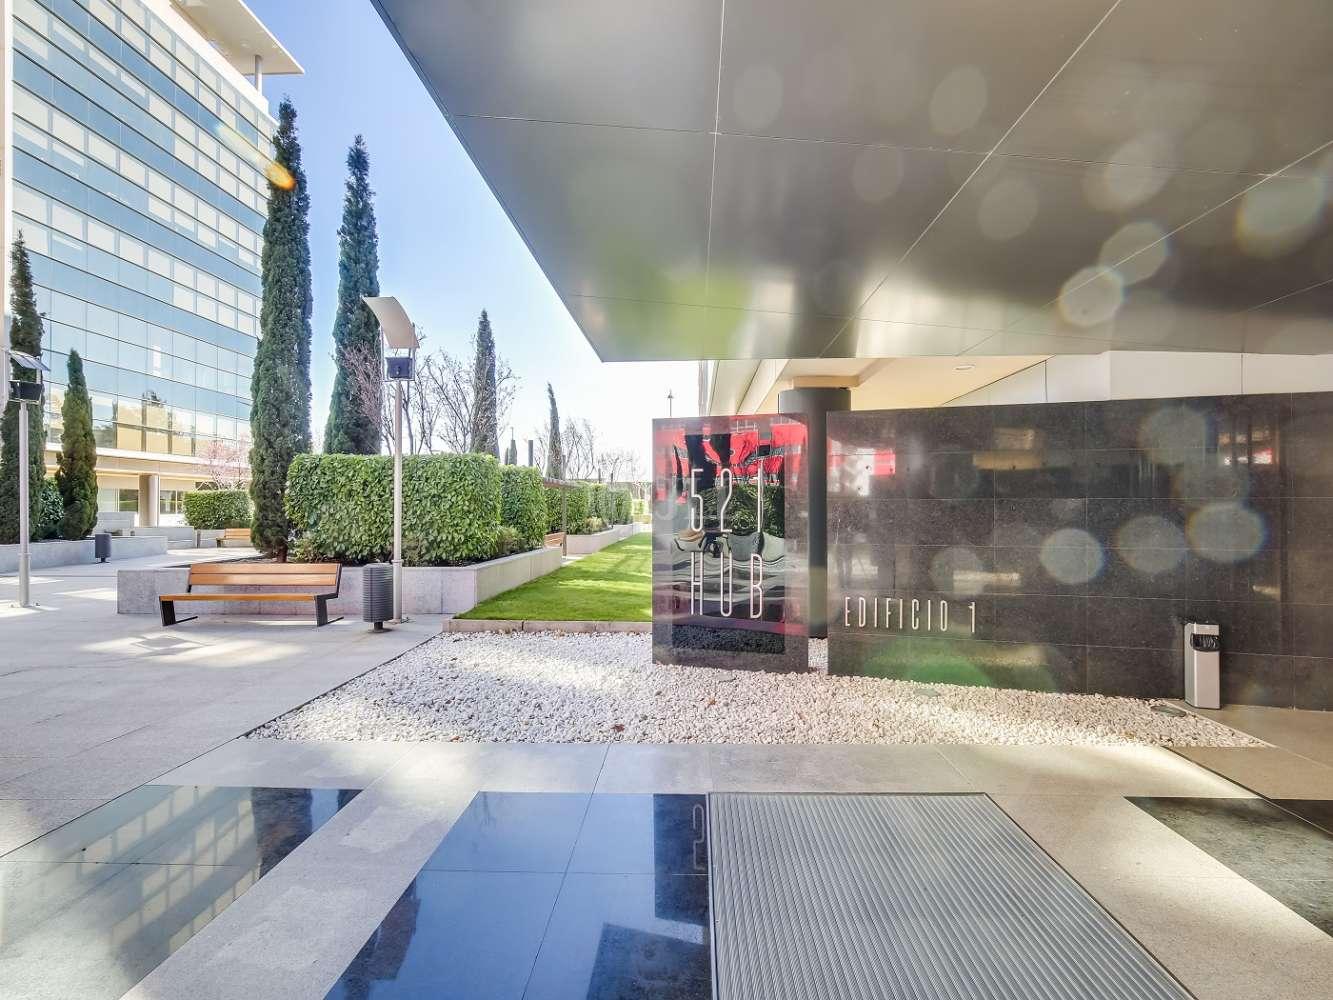 Oficina Rivas-vaciamadrid, 28521 - 521 Hub. Edificio 1 - 14525